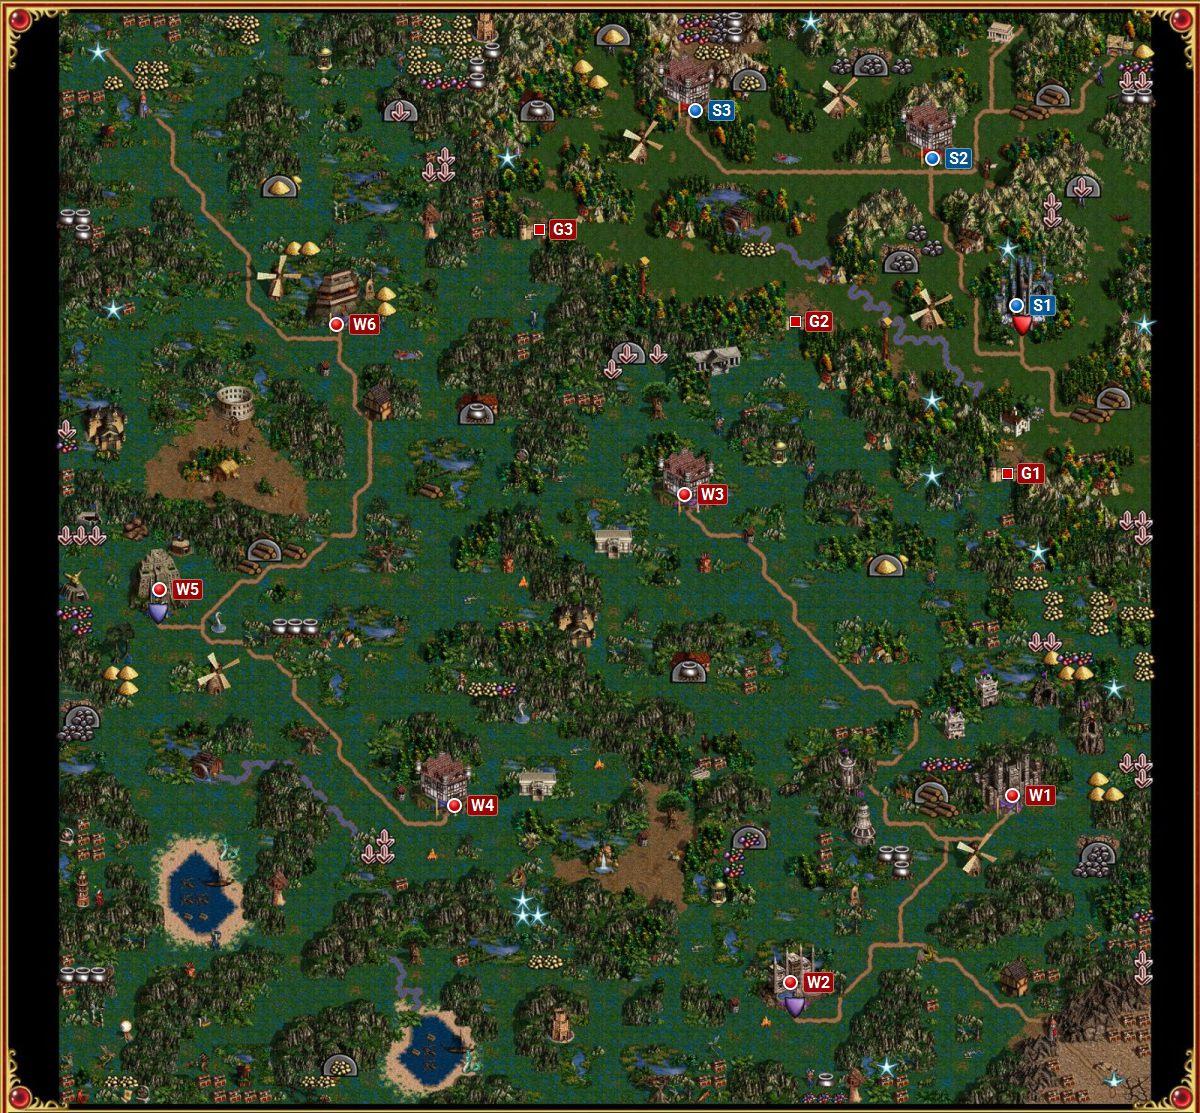 Warcraft III - Races